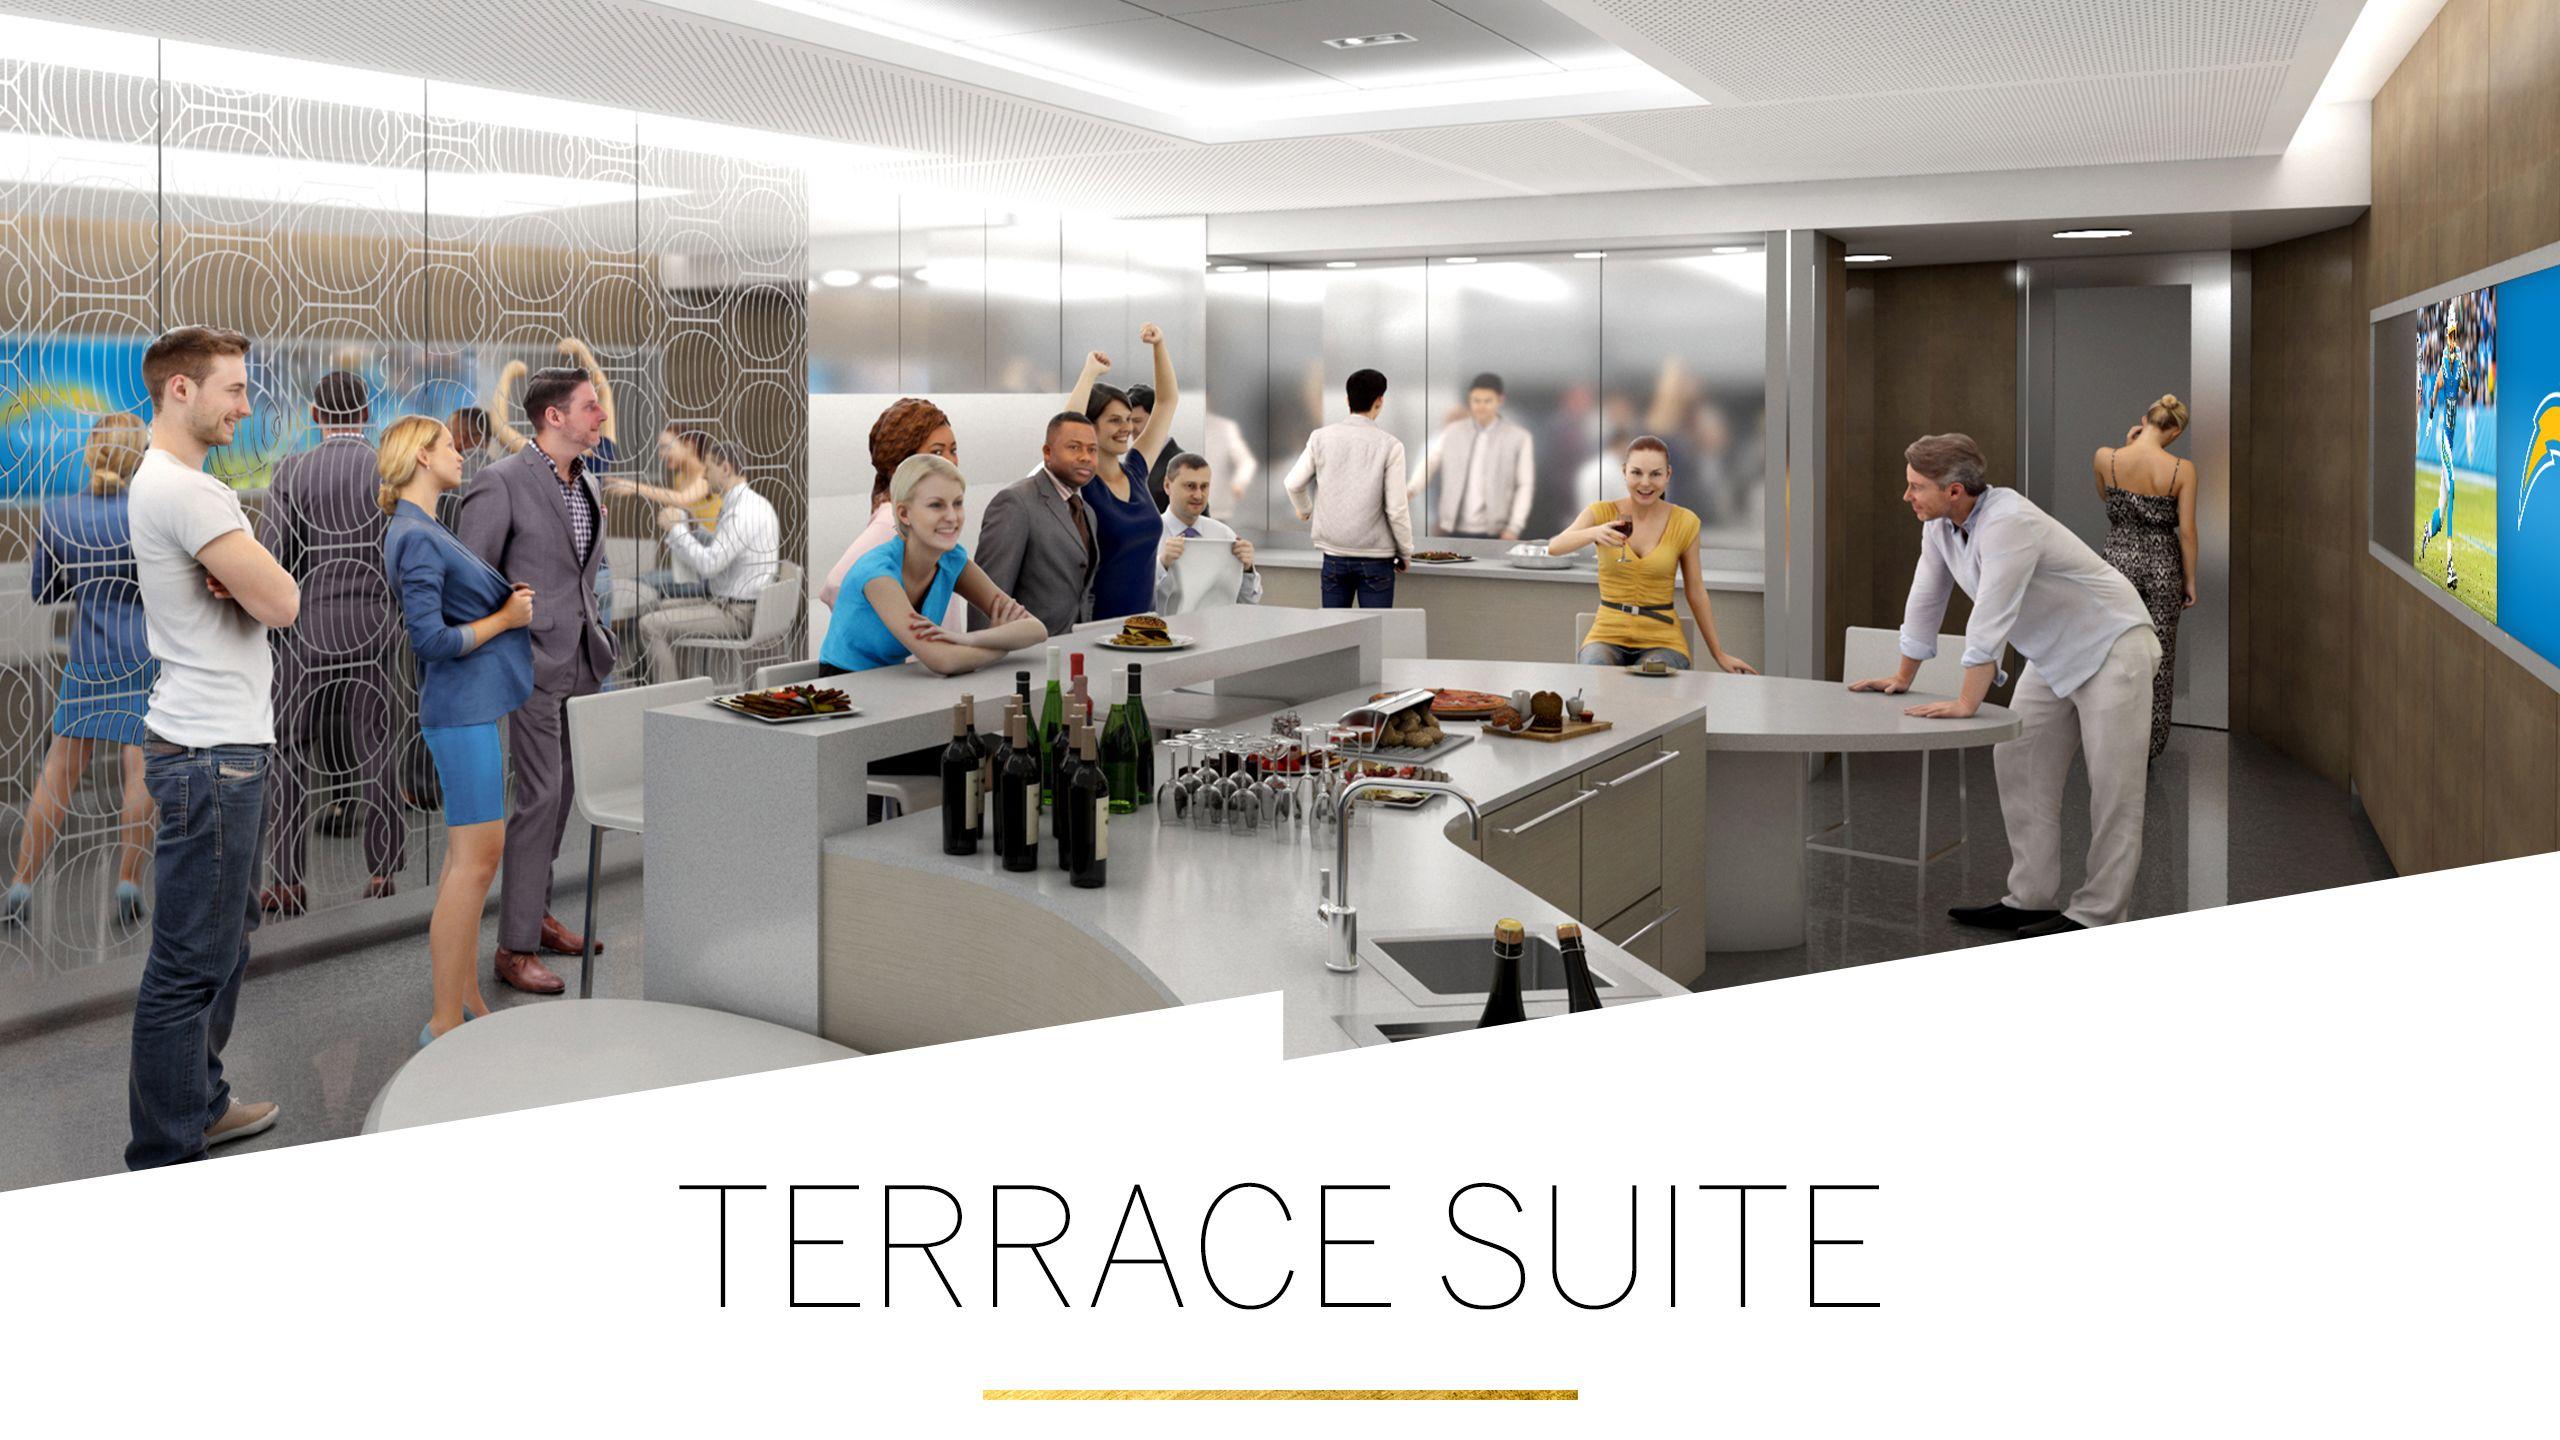 200626_Chargers_Suites_Promos_Terrace_Suite